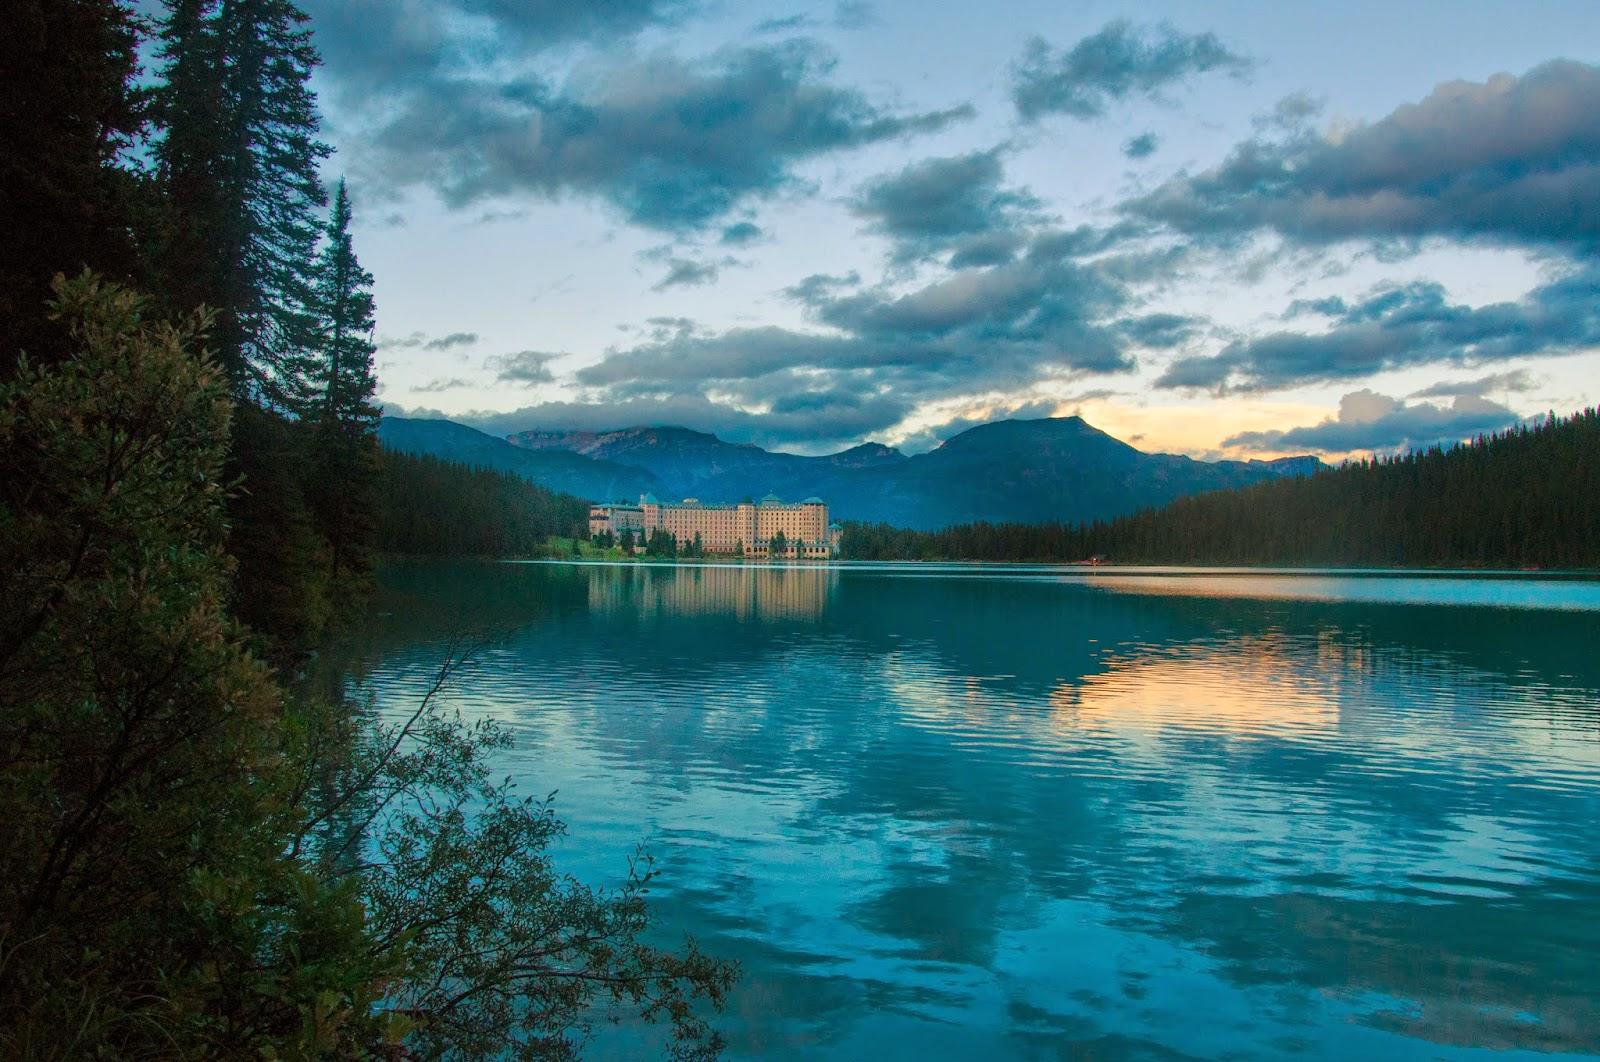 fairmount chateau lake louise hotel, canada, alberta